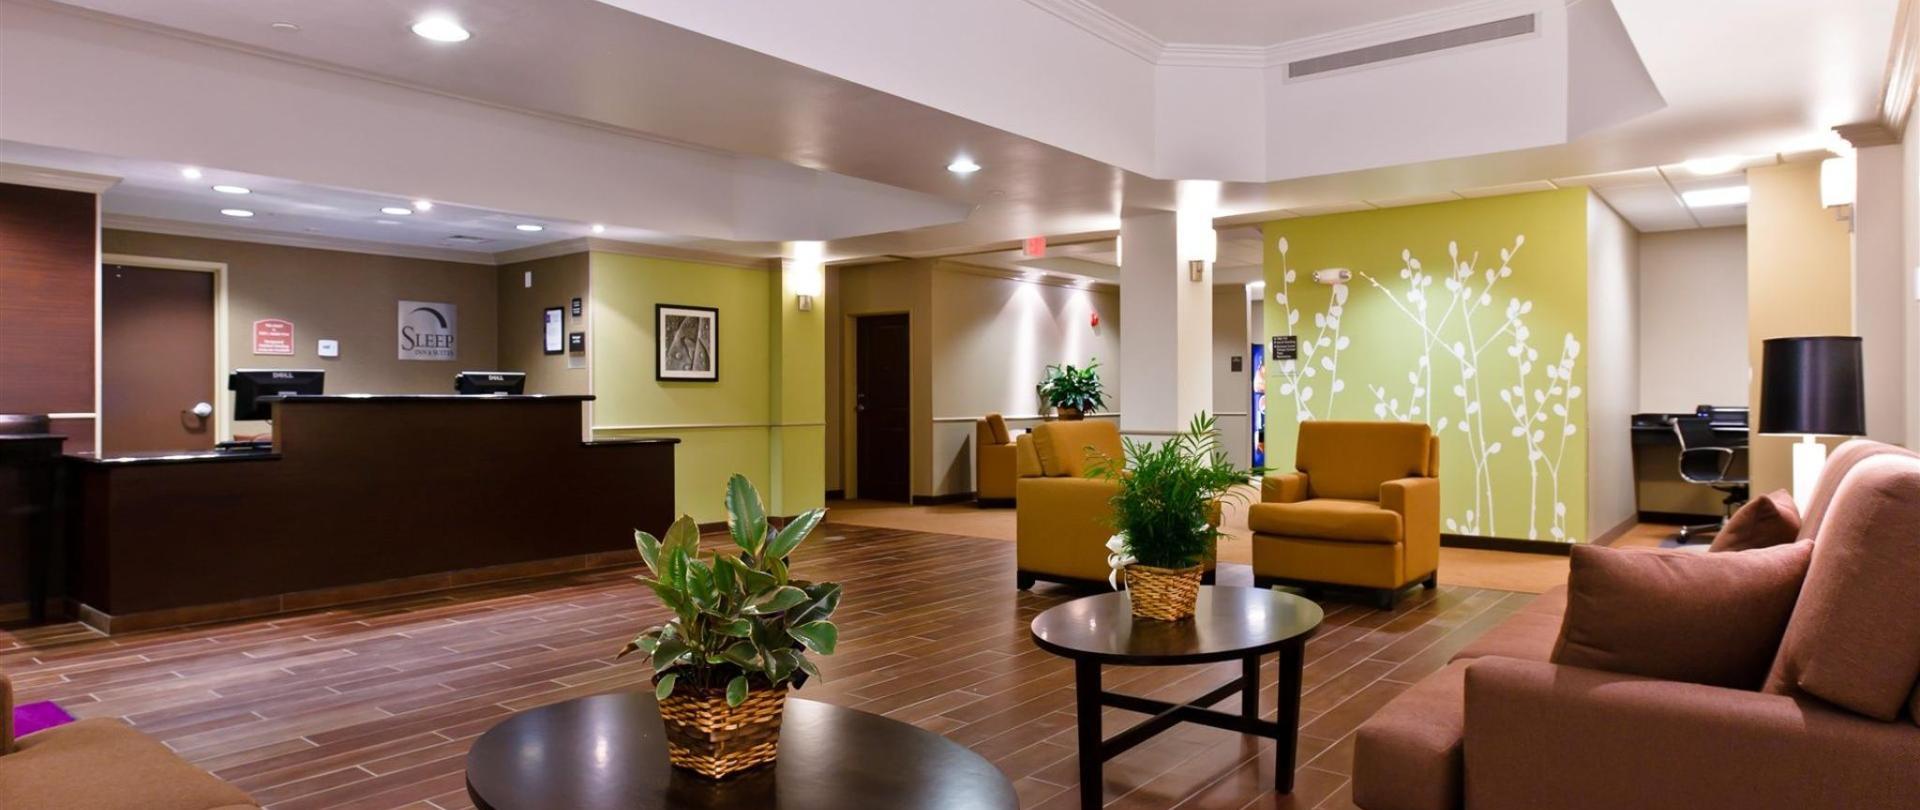 ks148-sleep-inn-lobby-1.jpg